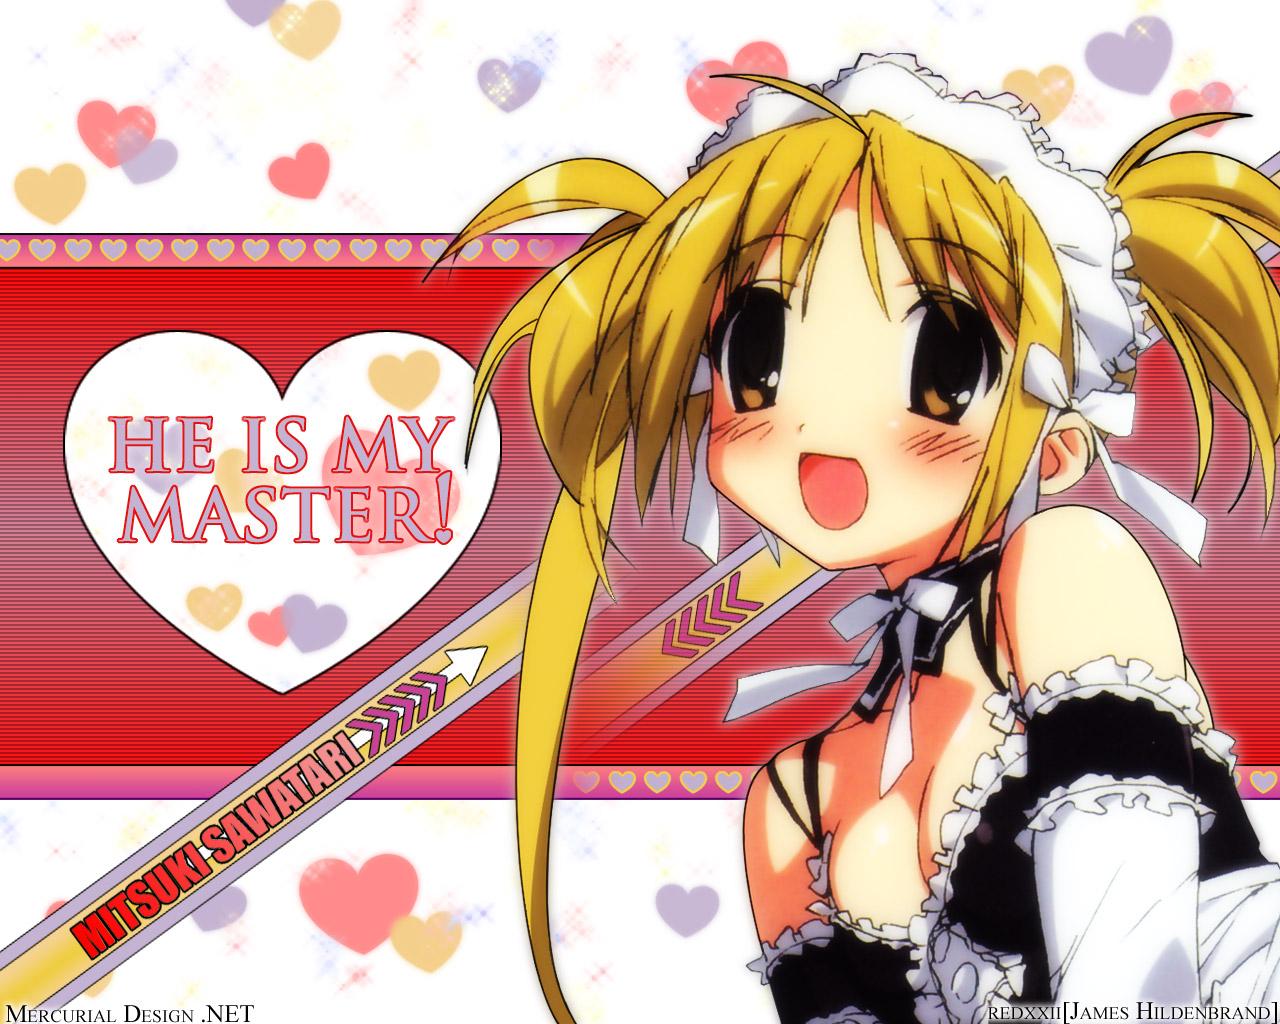 kore_ga_watashi_no_goshujin-sama maid sawatari_mitsuki watermark